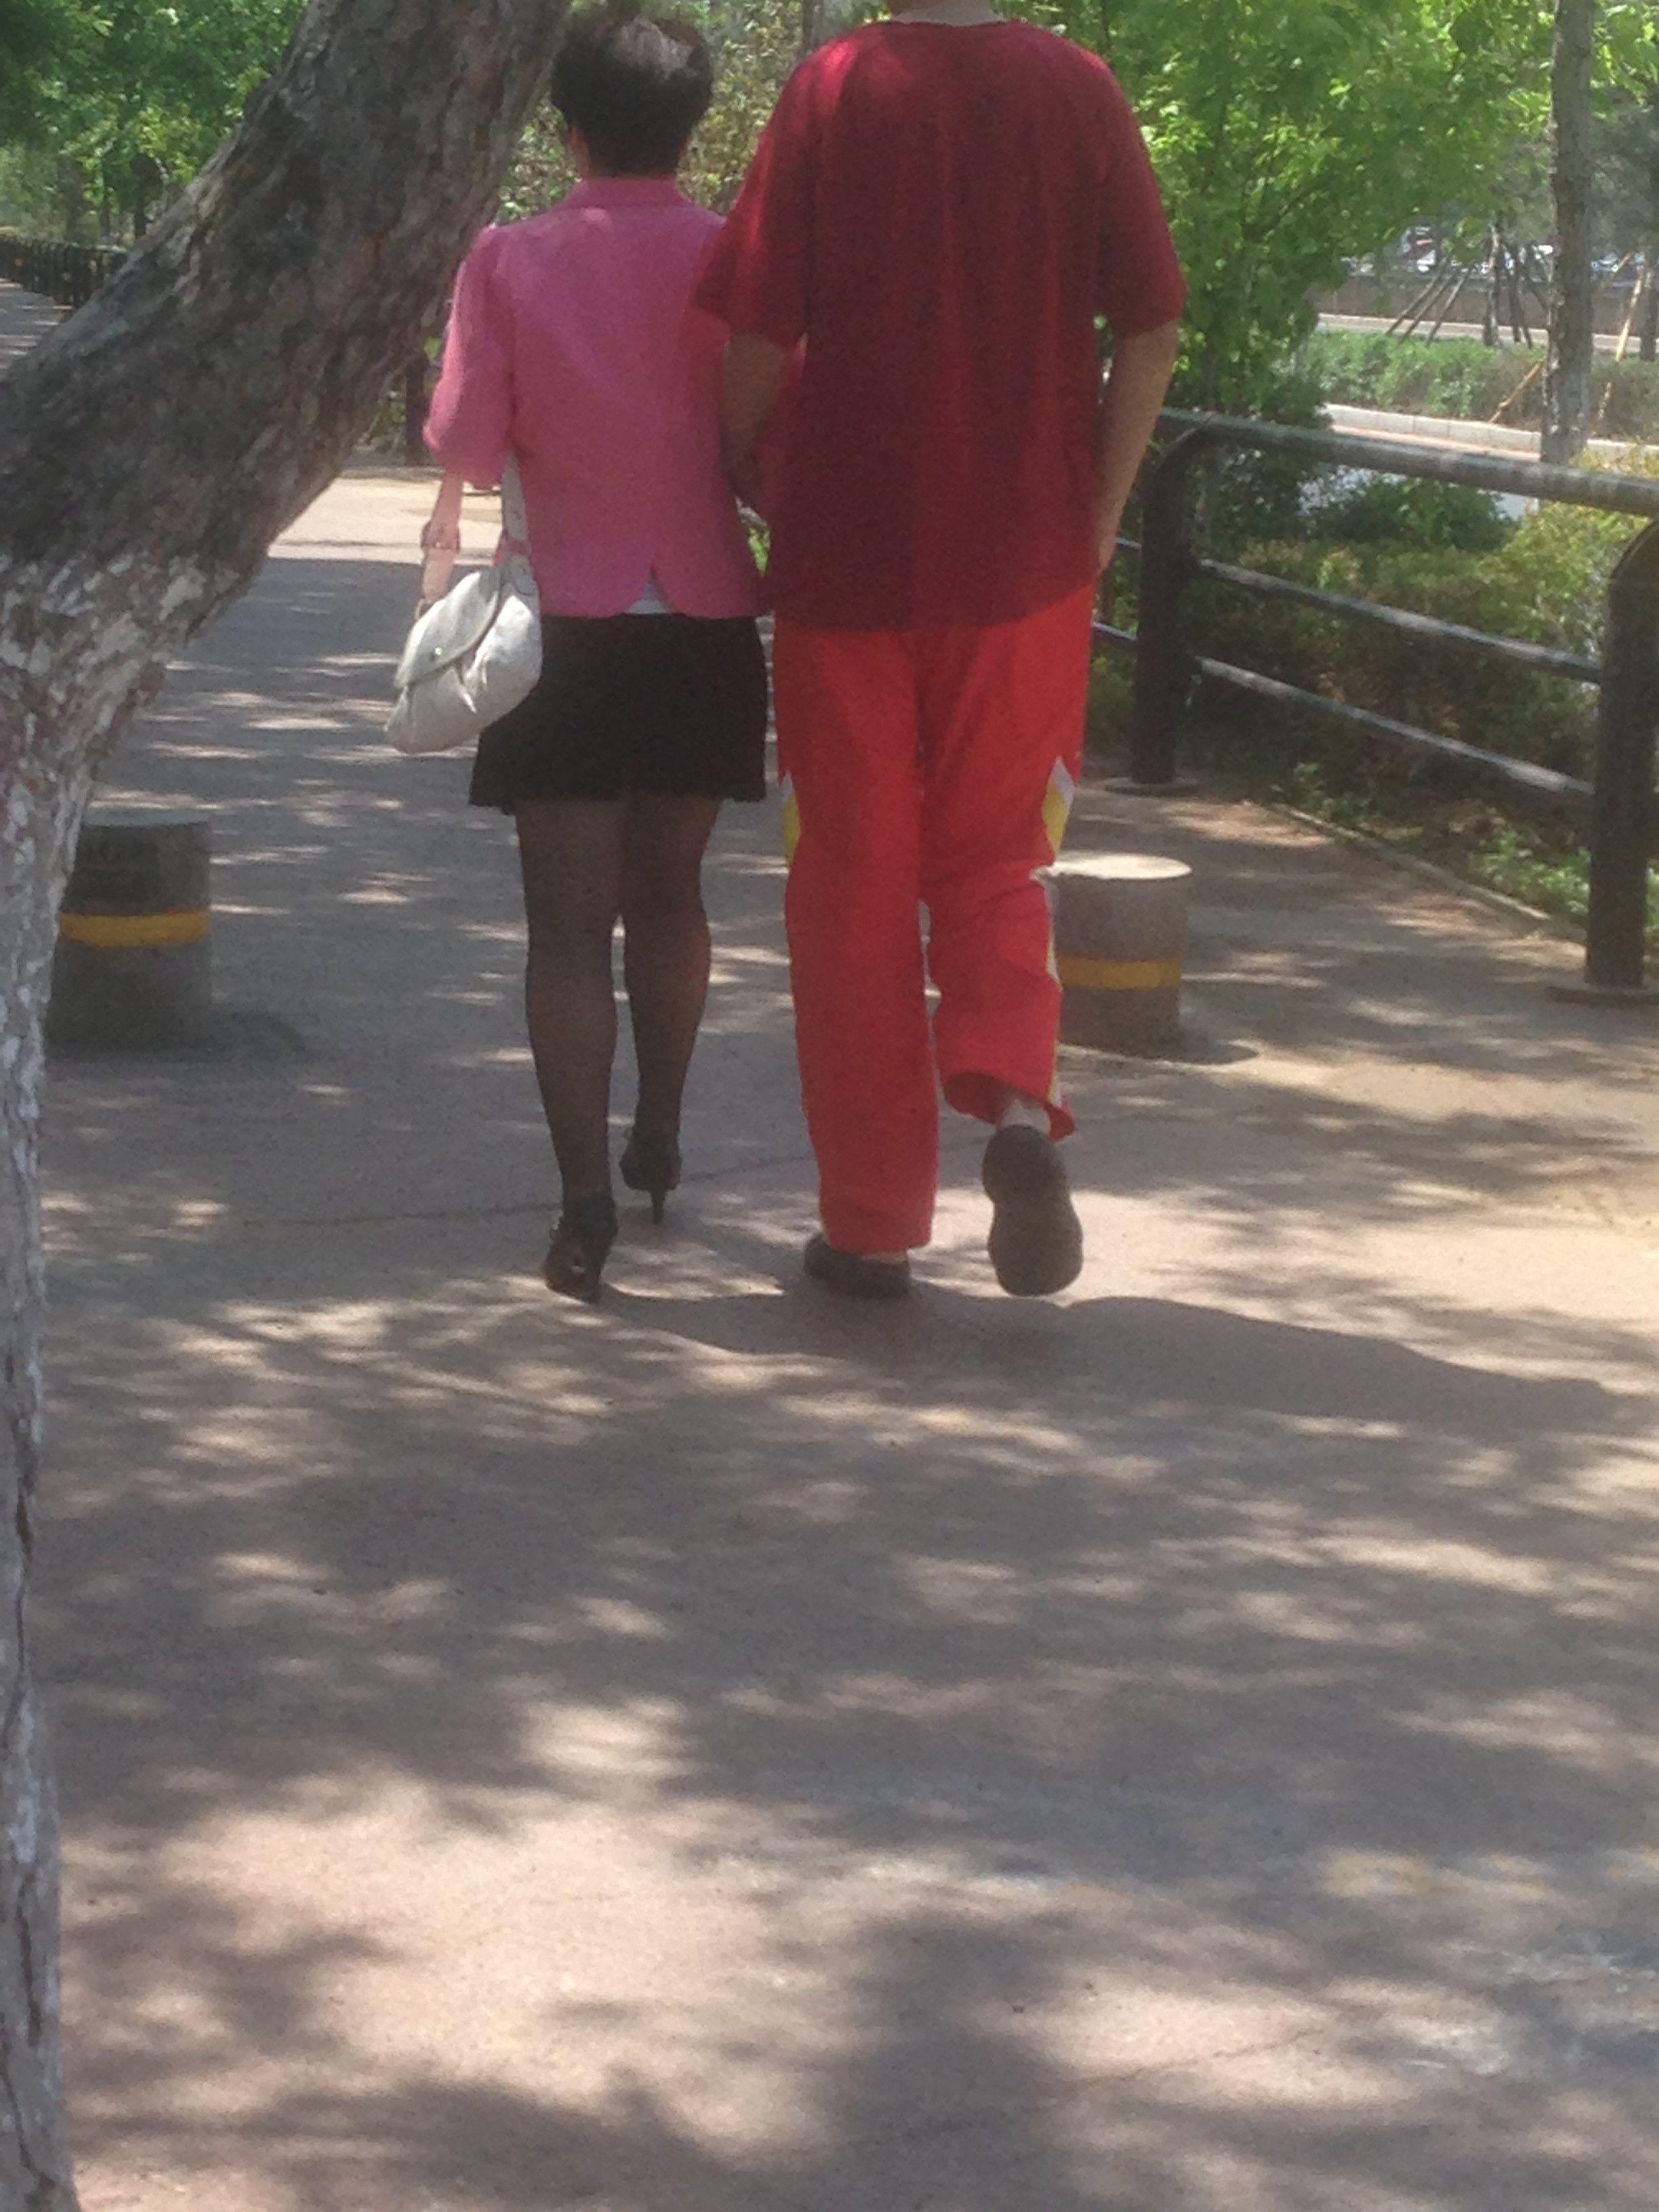 小男人和老女人乱伦_小男人挽着老女人一起走能是什么关系